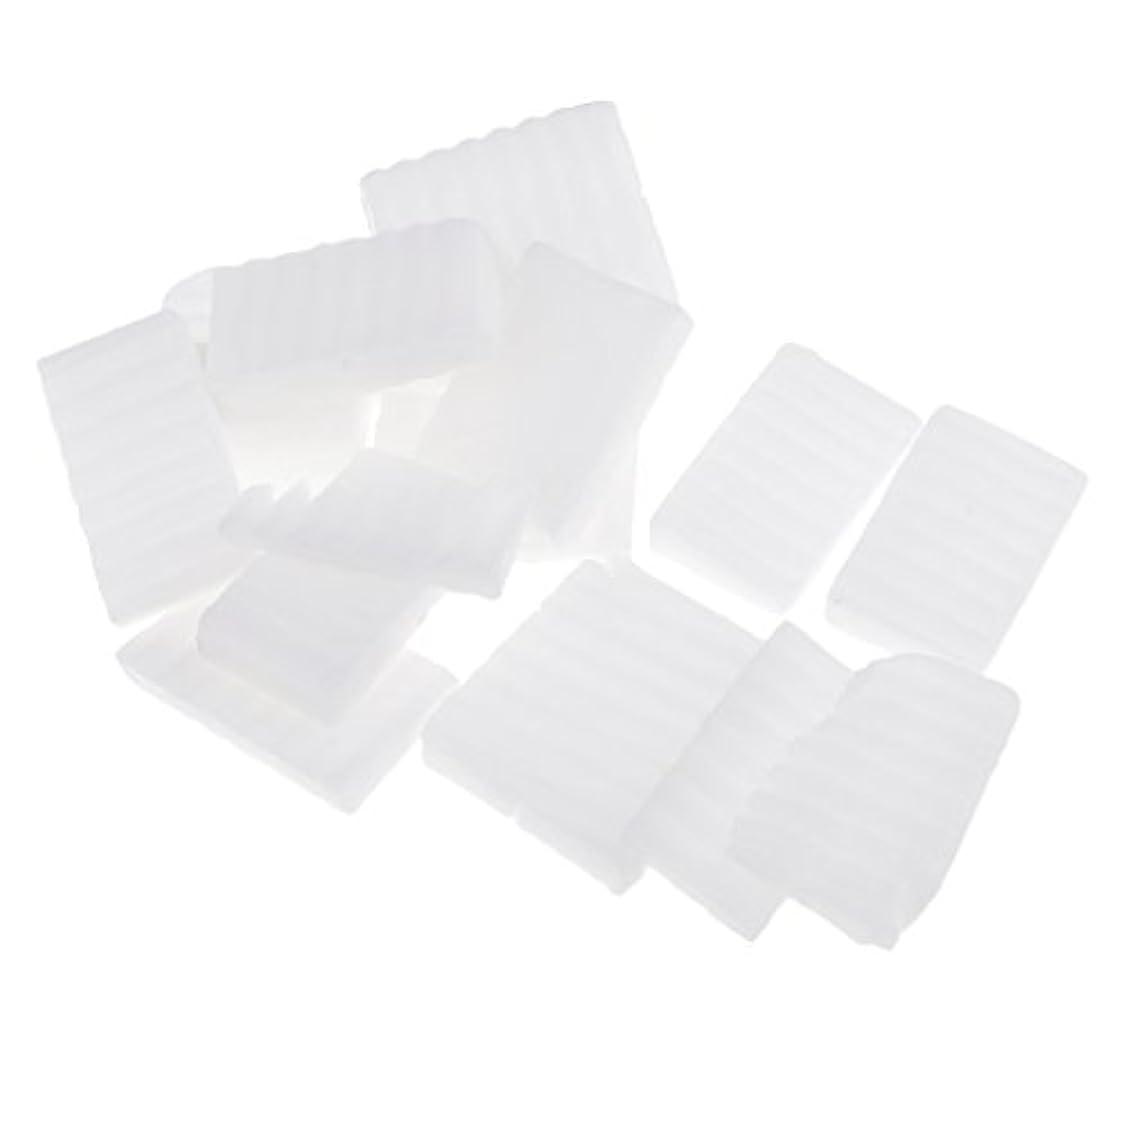 鏡エンジン差し控える約500g ホワイト 石鹸ベース DIY 手作り 石鹸 材料